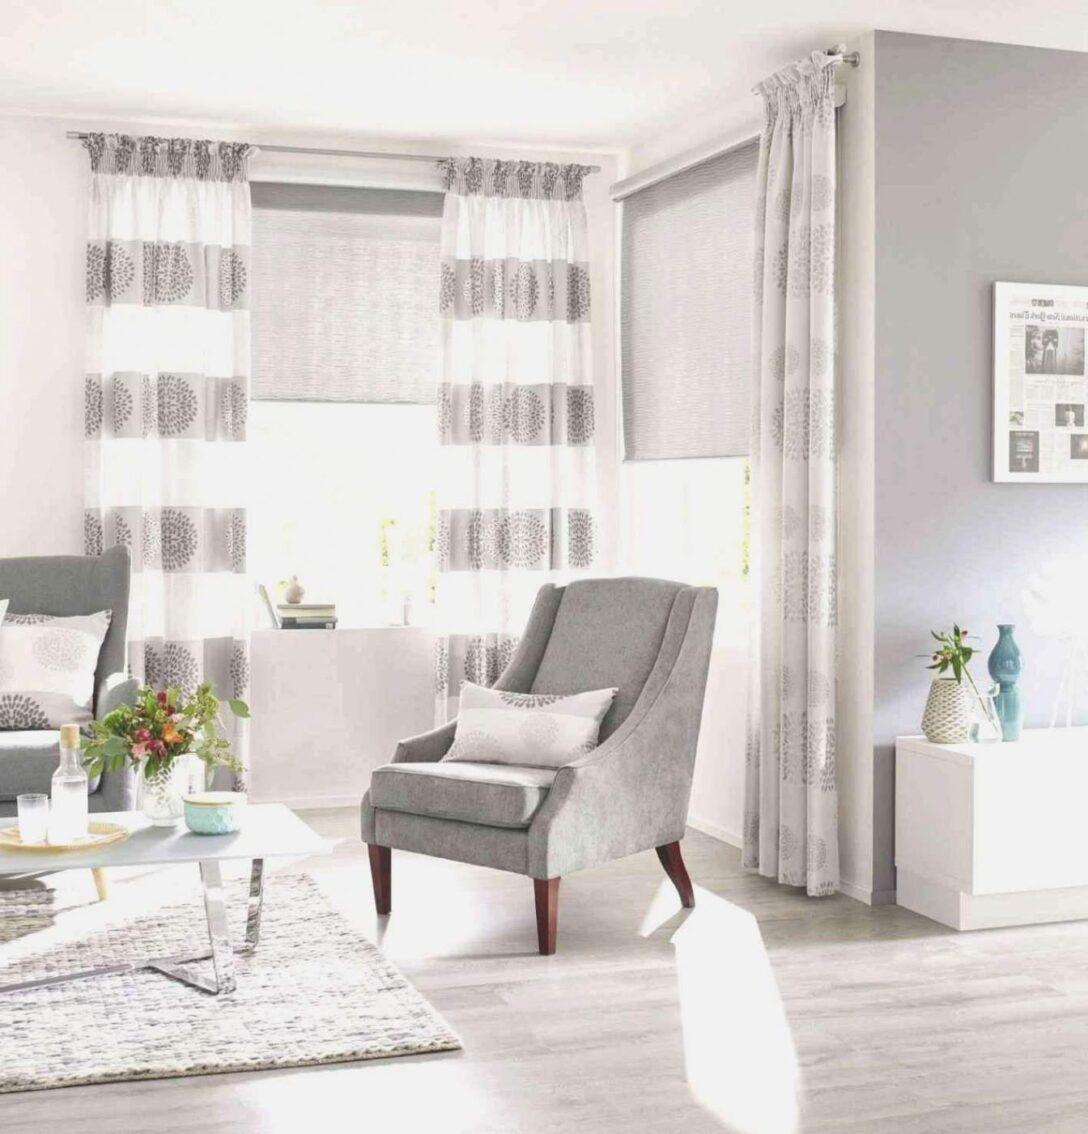 Large Size of Relaxliege Modern 37 Luxus Moderne Gardinen Wohnzimmer Inspirierend Frisch Bilder Duschen Deckenleuchte Schlafzimmer Tapete Küche Modernes Sofa Esstisch Wohnzimmer Relaxliege Modern